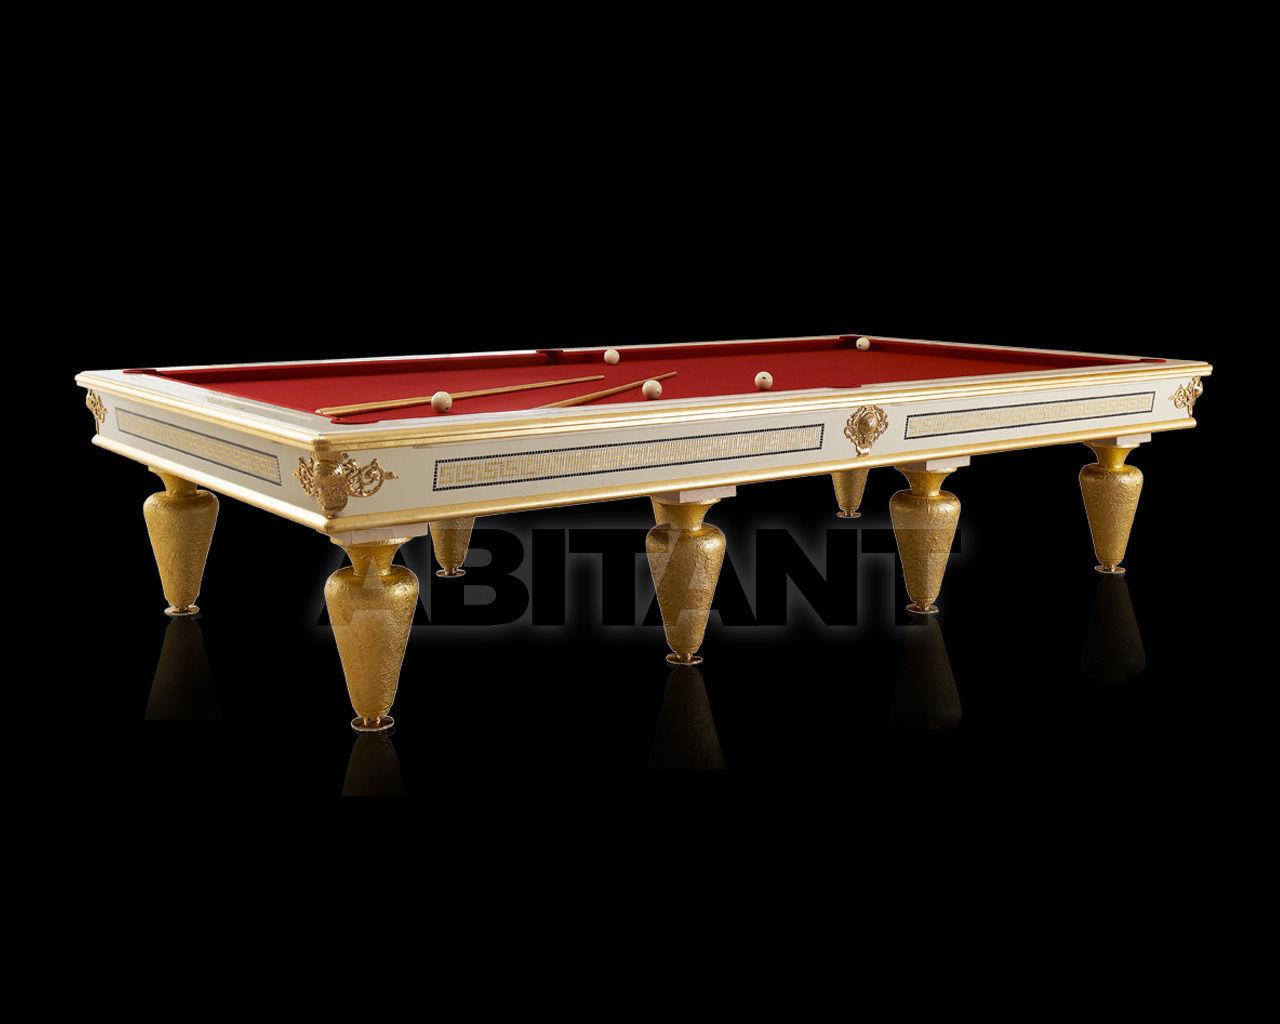 Купить Бильярдный стол Lu.Bo Biliardi Biliardi GIOVE LACCATO BIANCO/ORO